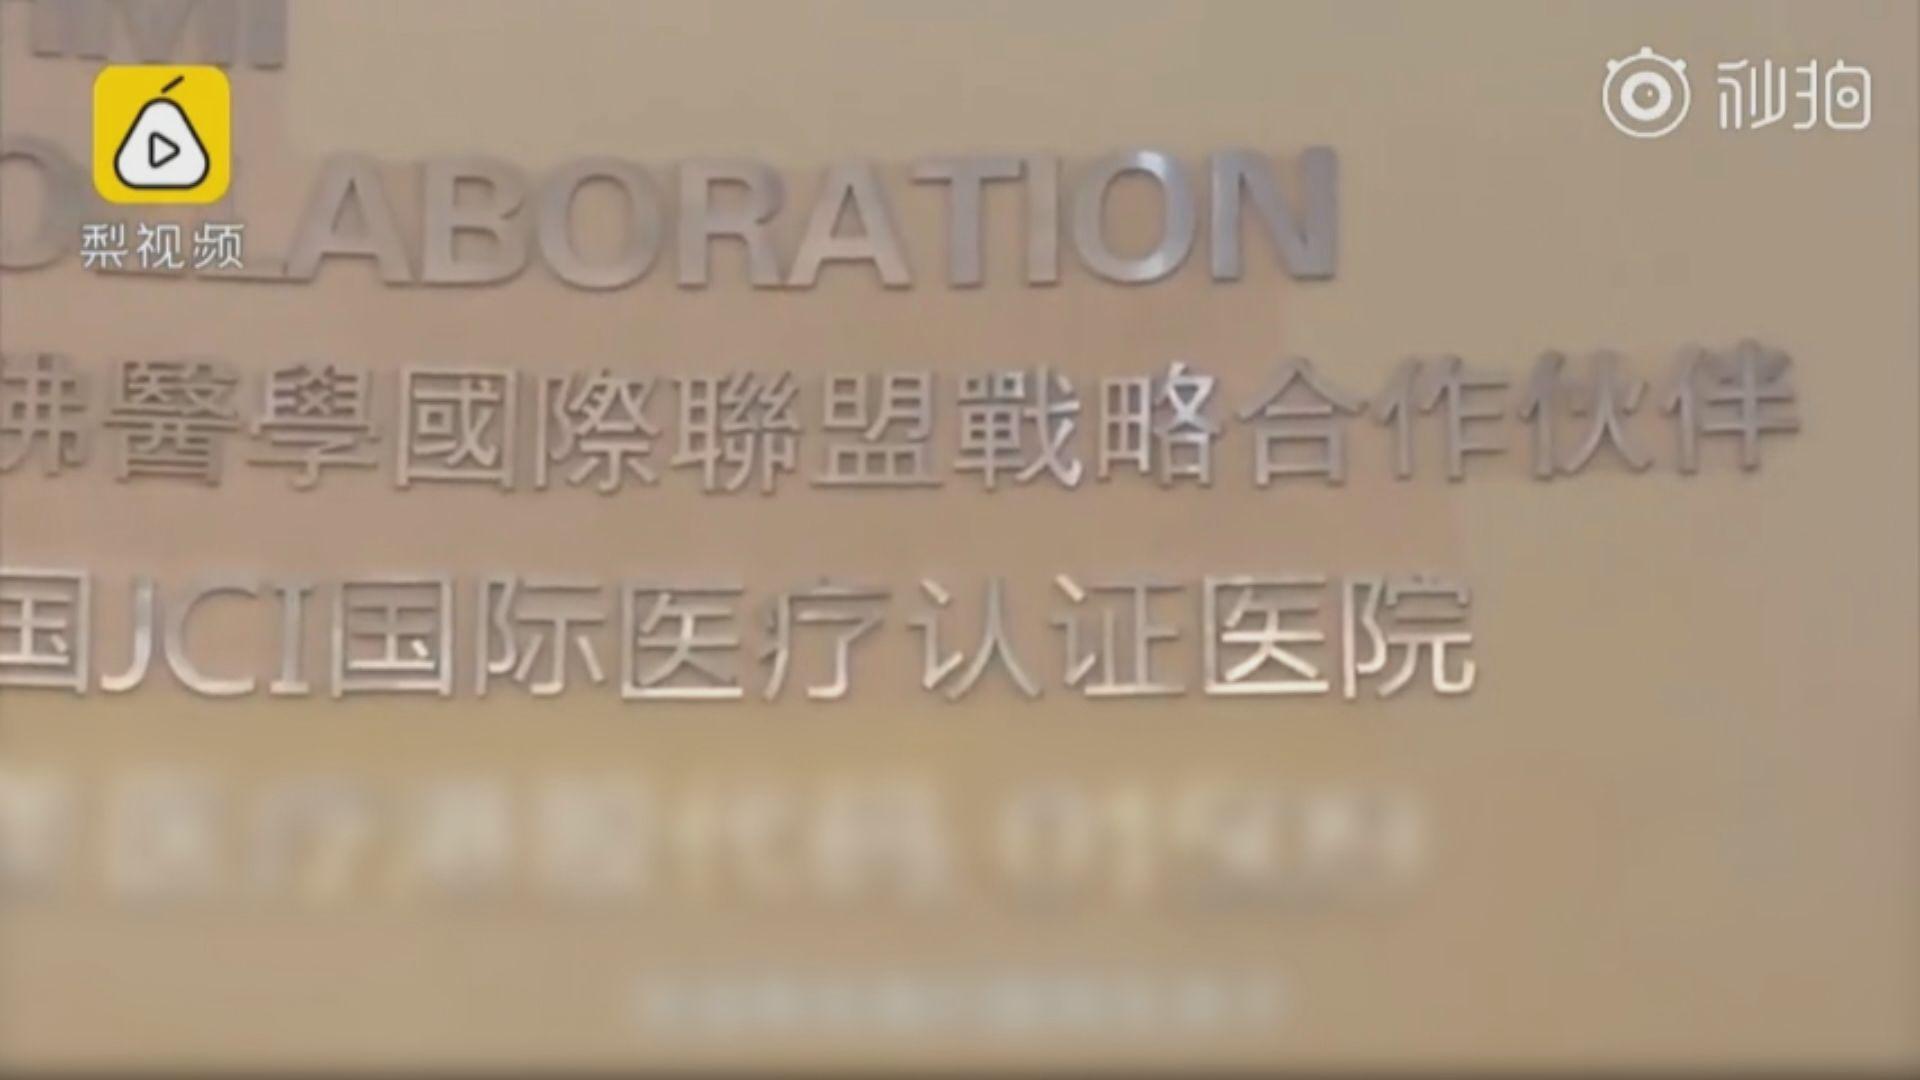 基因編輯嬰兒 被指涉事的深圳醫院懷疑有人造假